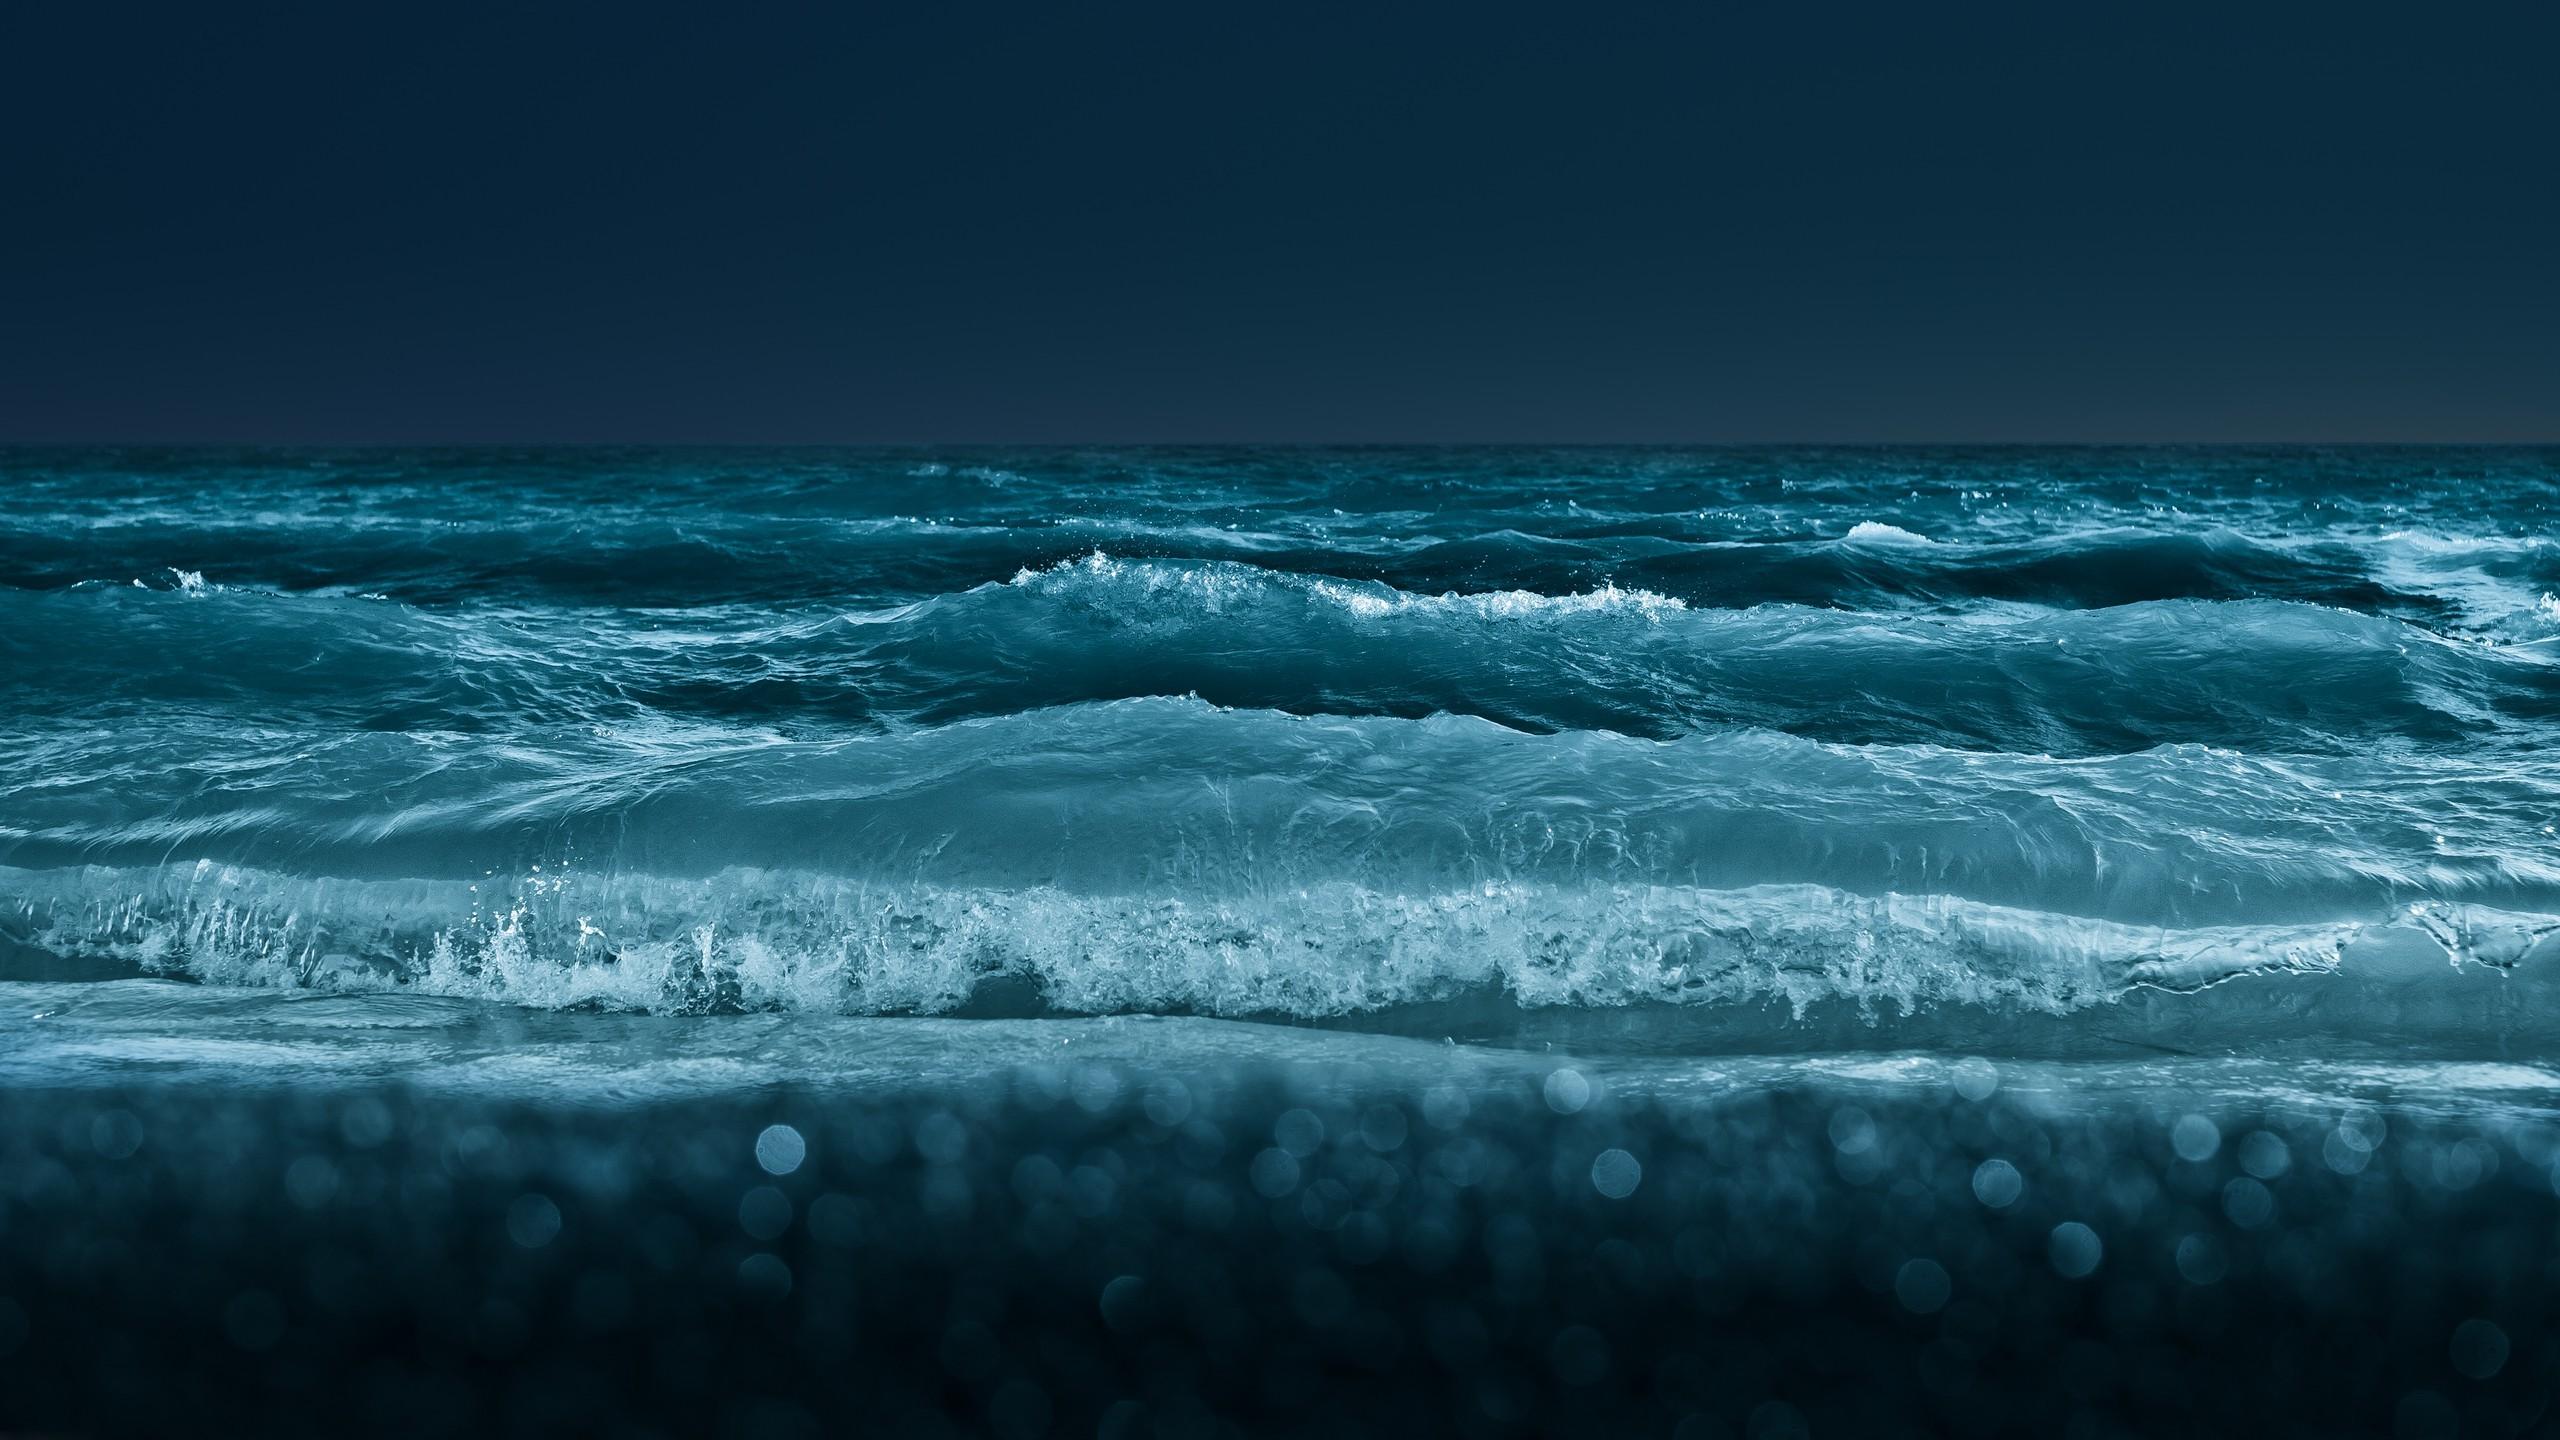 Sfondi Mare Notte Acqua Puntellare Riflessione Cielo Blu